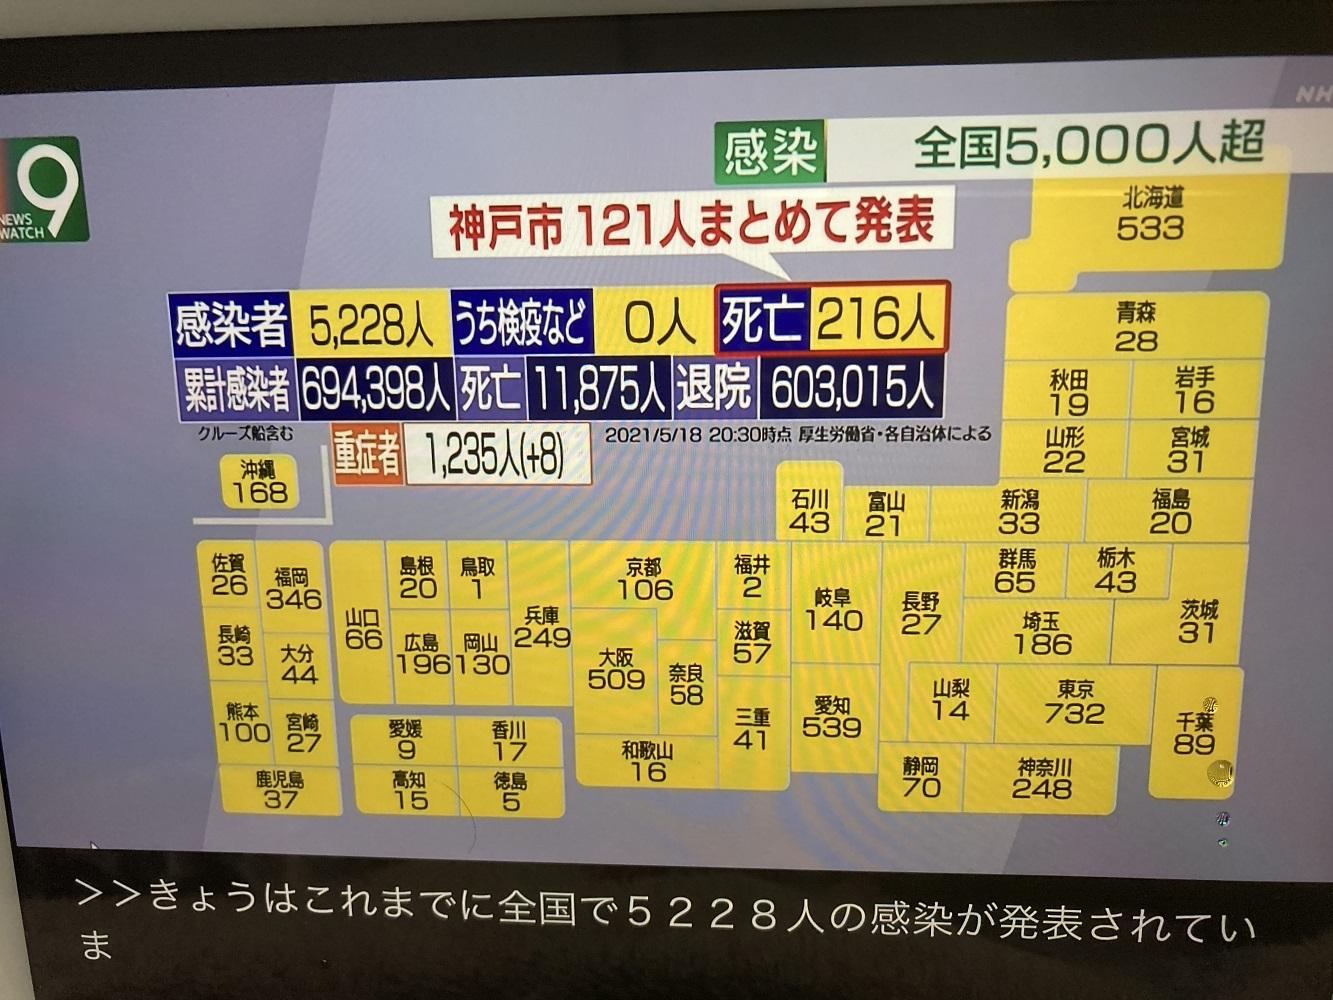 因為重症者增加以及高齡設施集團感染而死亡人數暴增,5月11日日本單日死亡人數高達216人。 圖:攝自NHK新聞